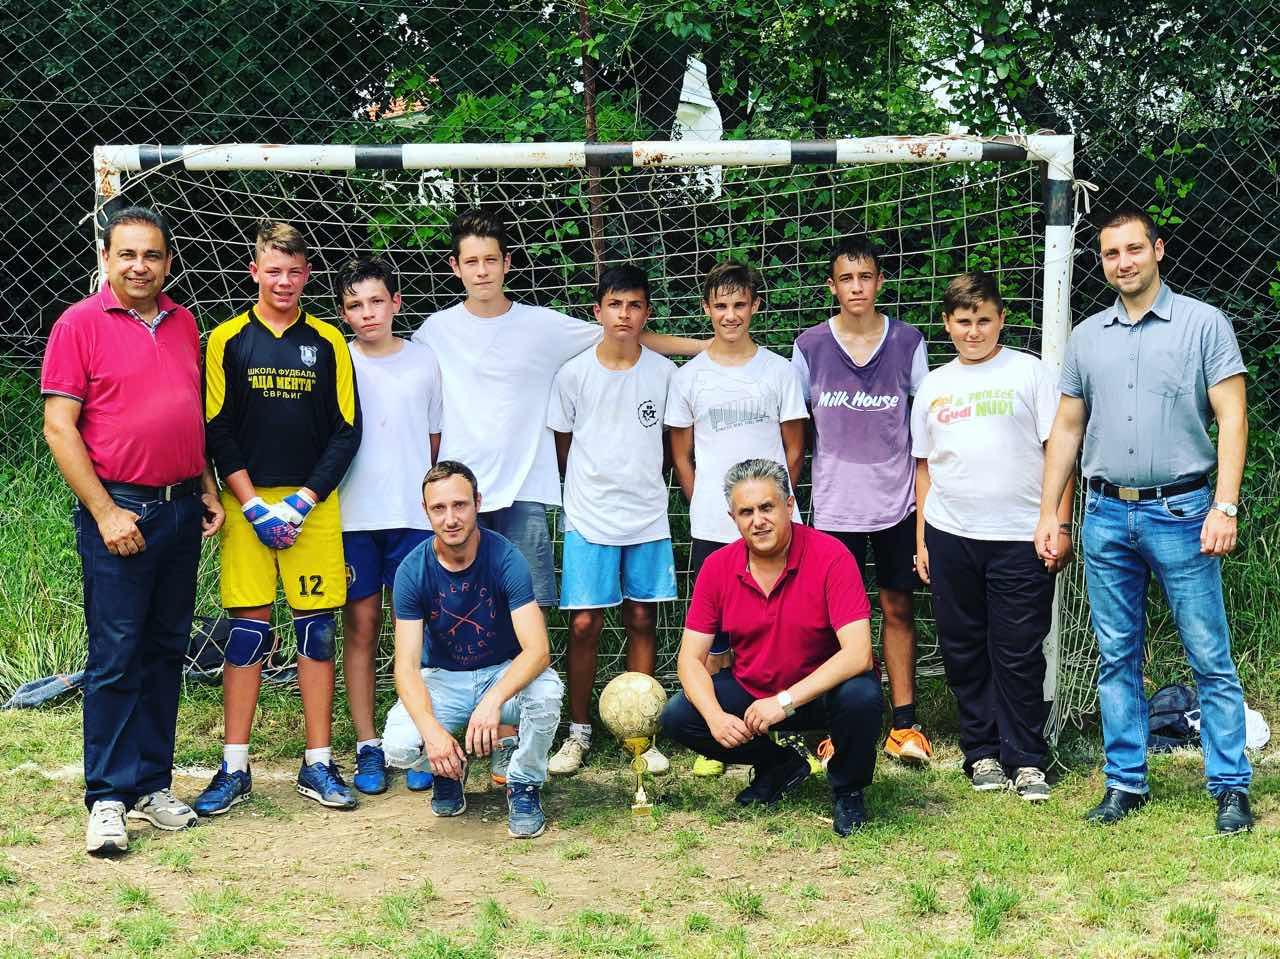 VIII Turnir u malom fudbalu u Crnoljevici